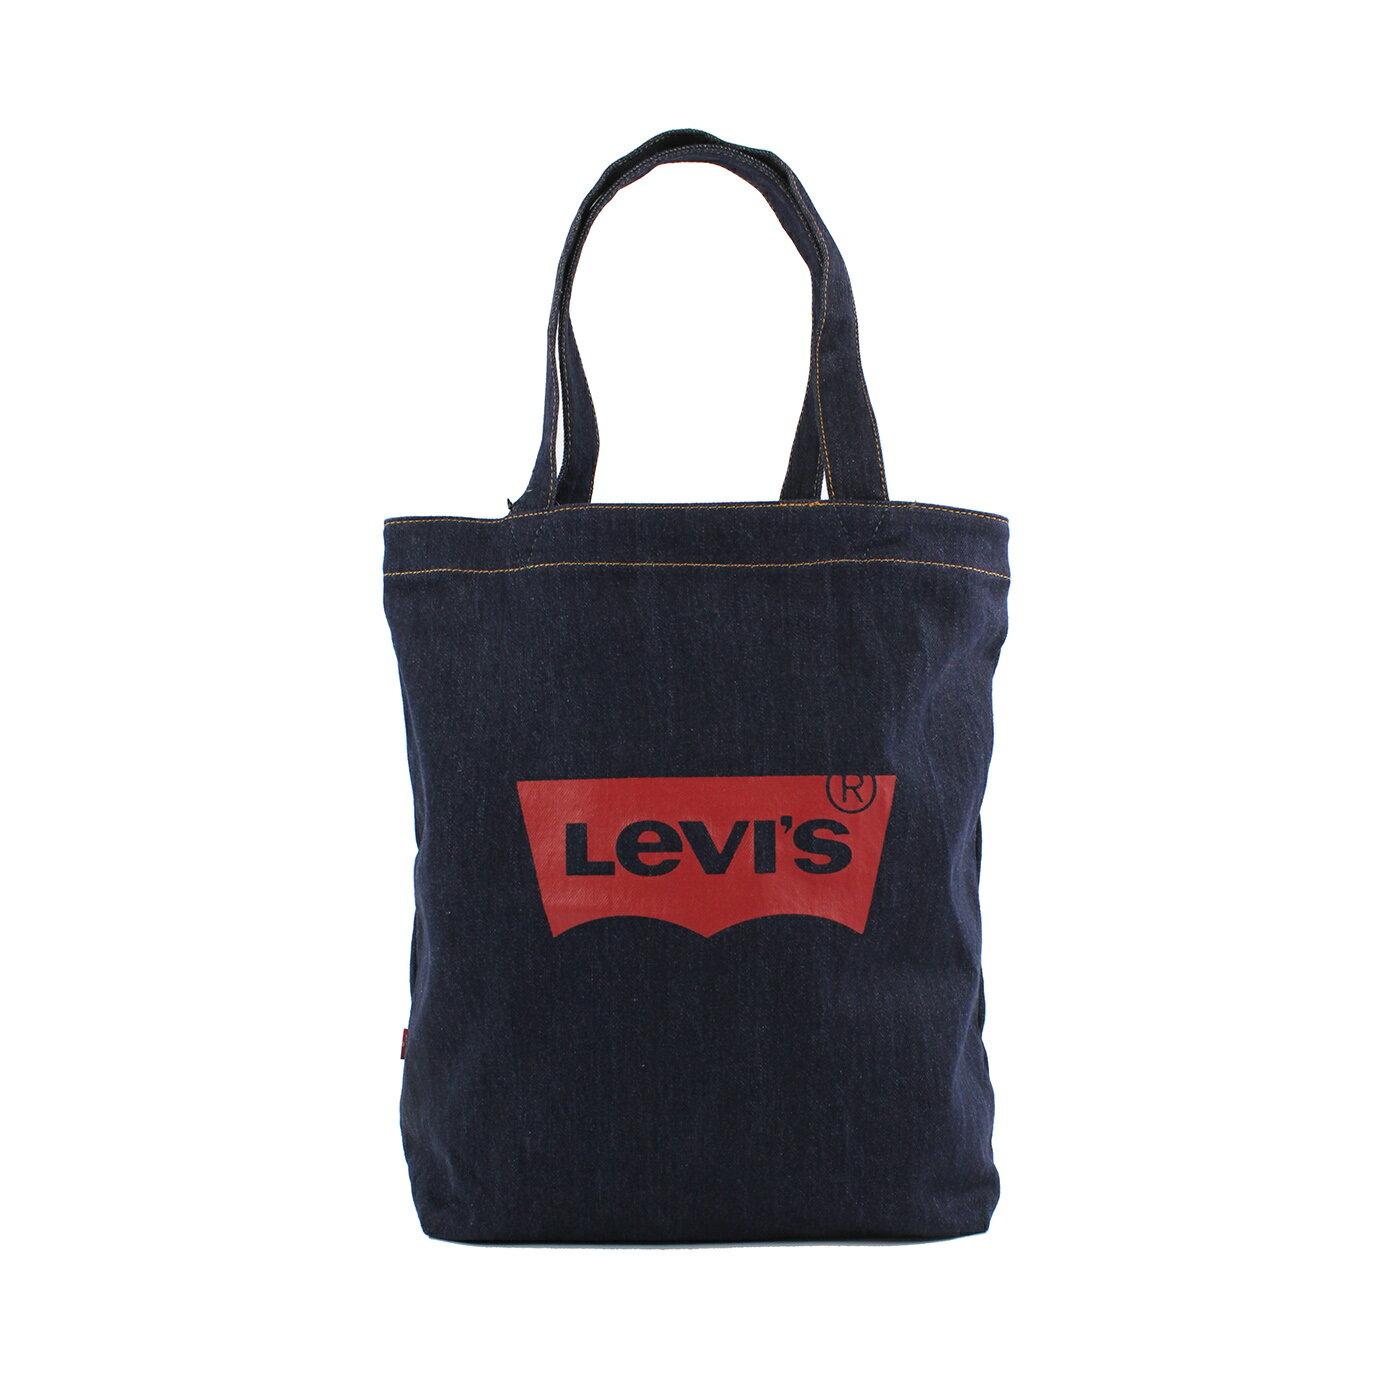 美國百分百【全新真品】Levis 手提包 手提袋 肩背包 帆布 外出包 托特包 牛仔布 單寧 深藍 F646